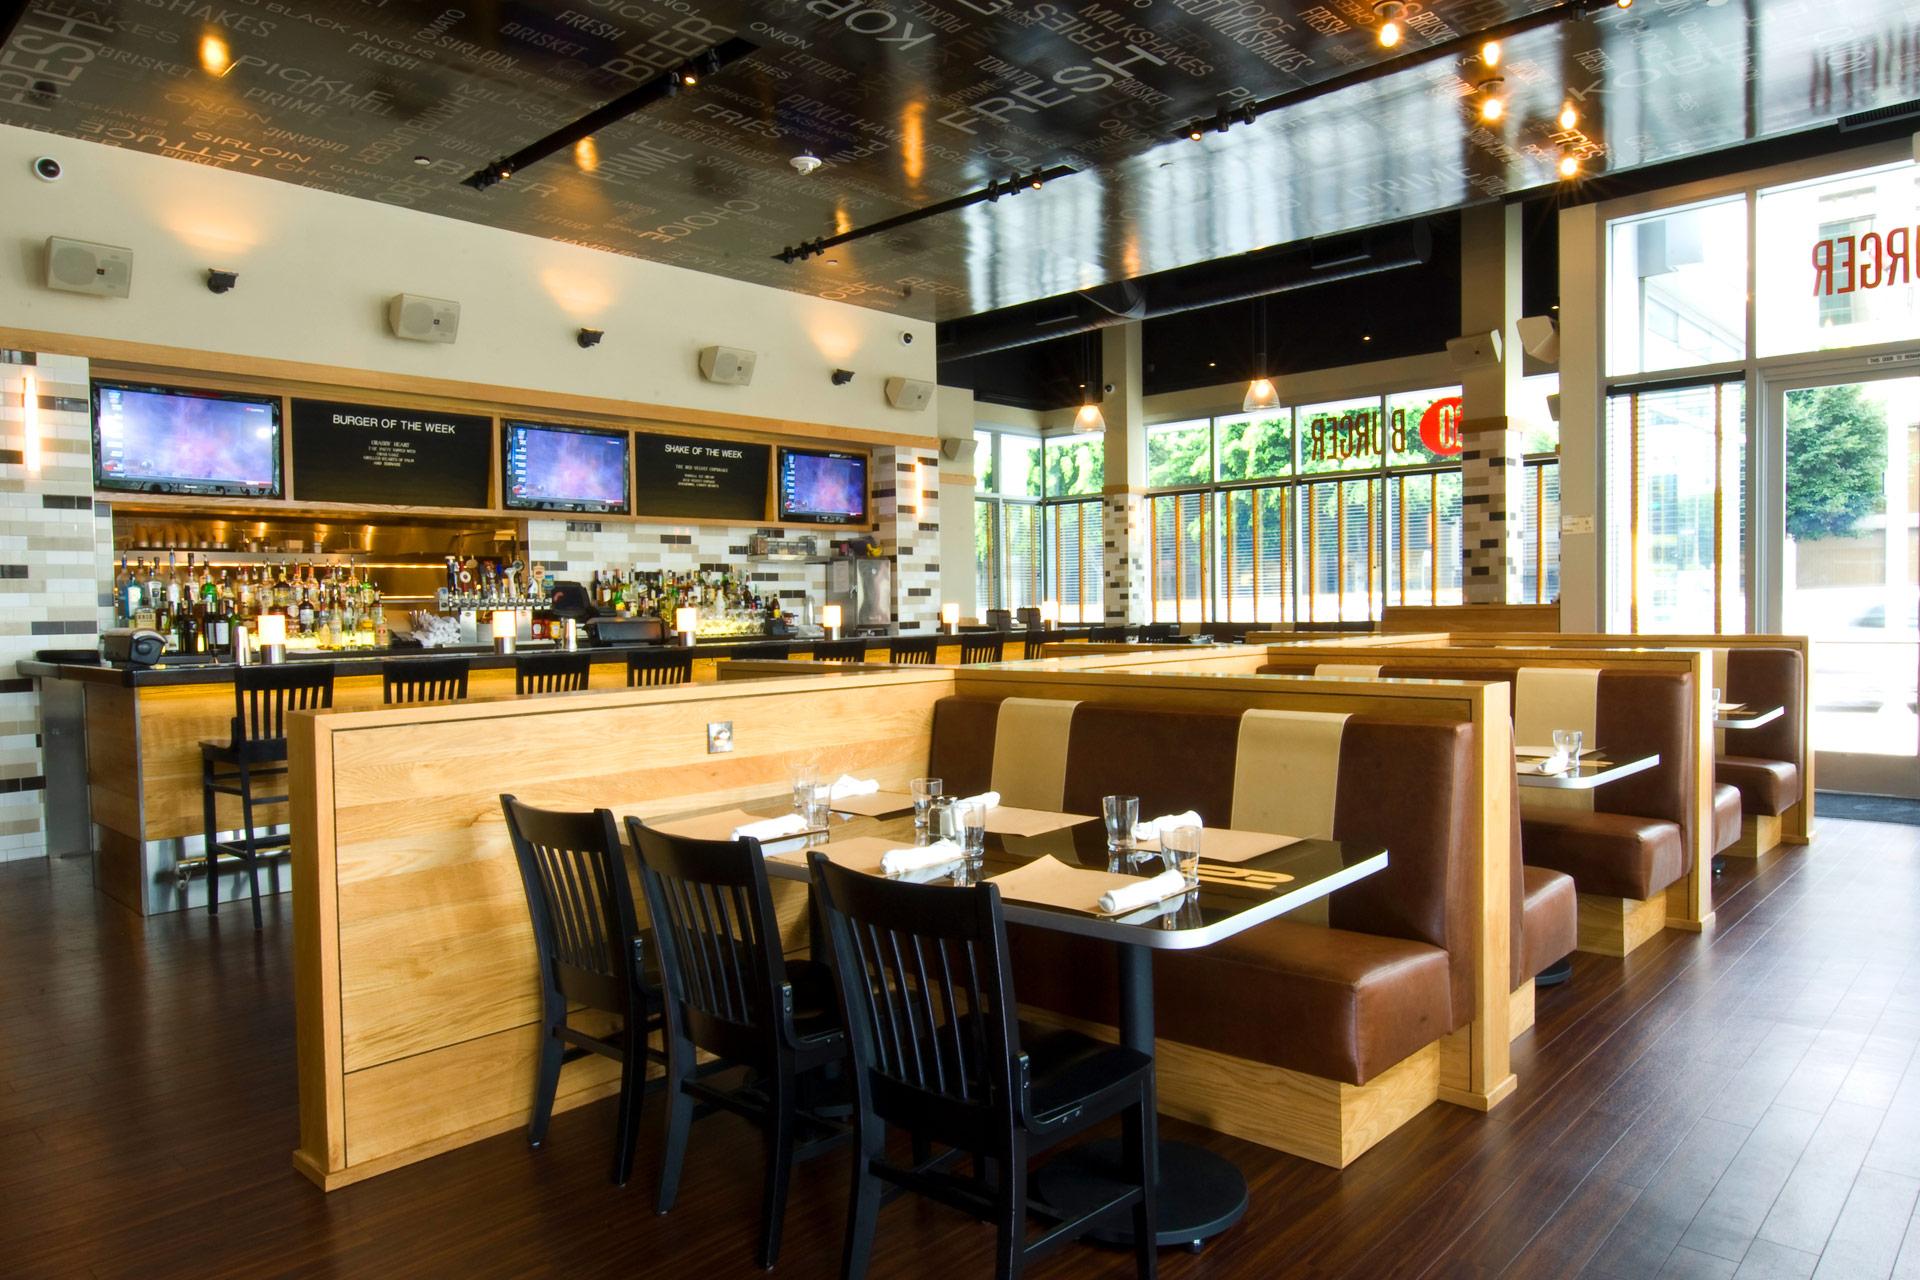 Go Burger LA restaurant decor